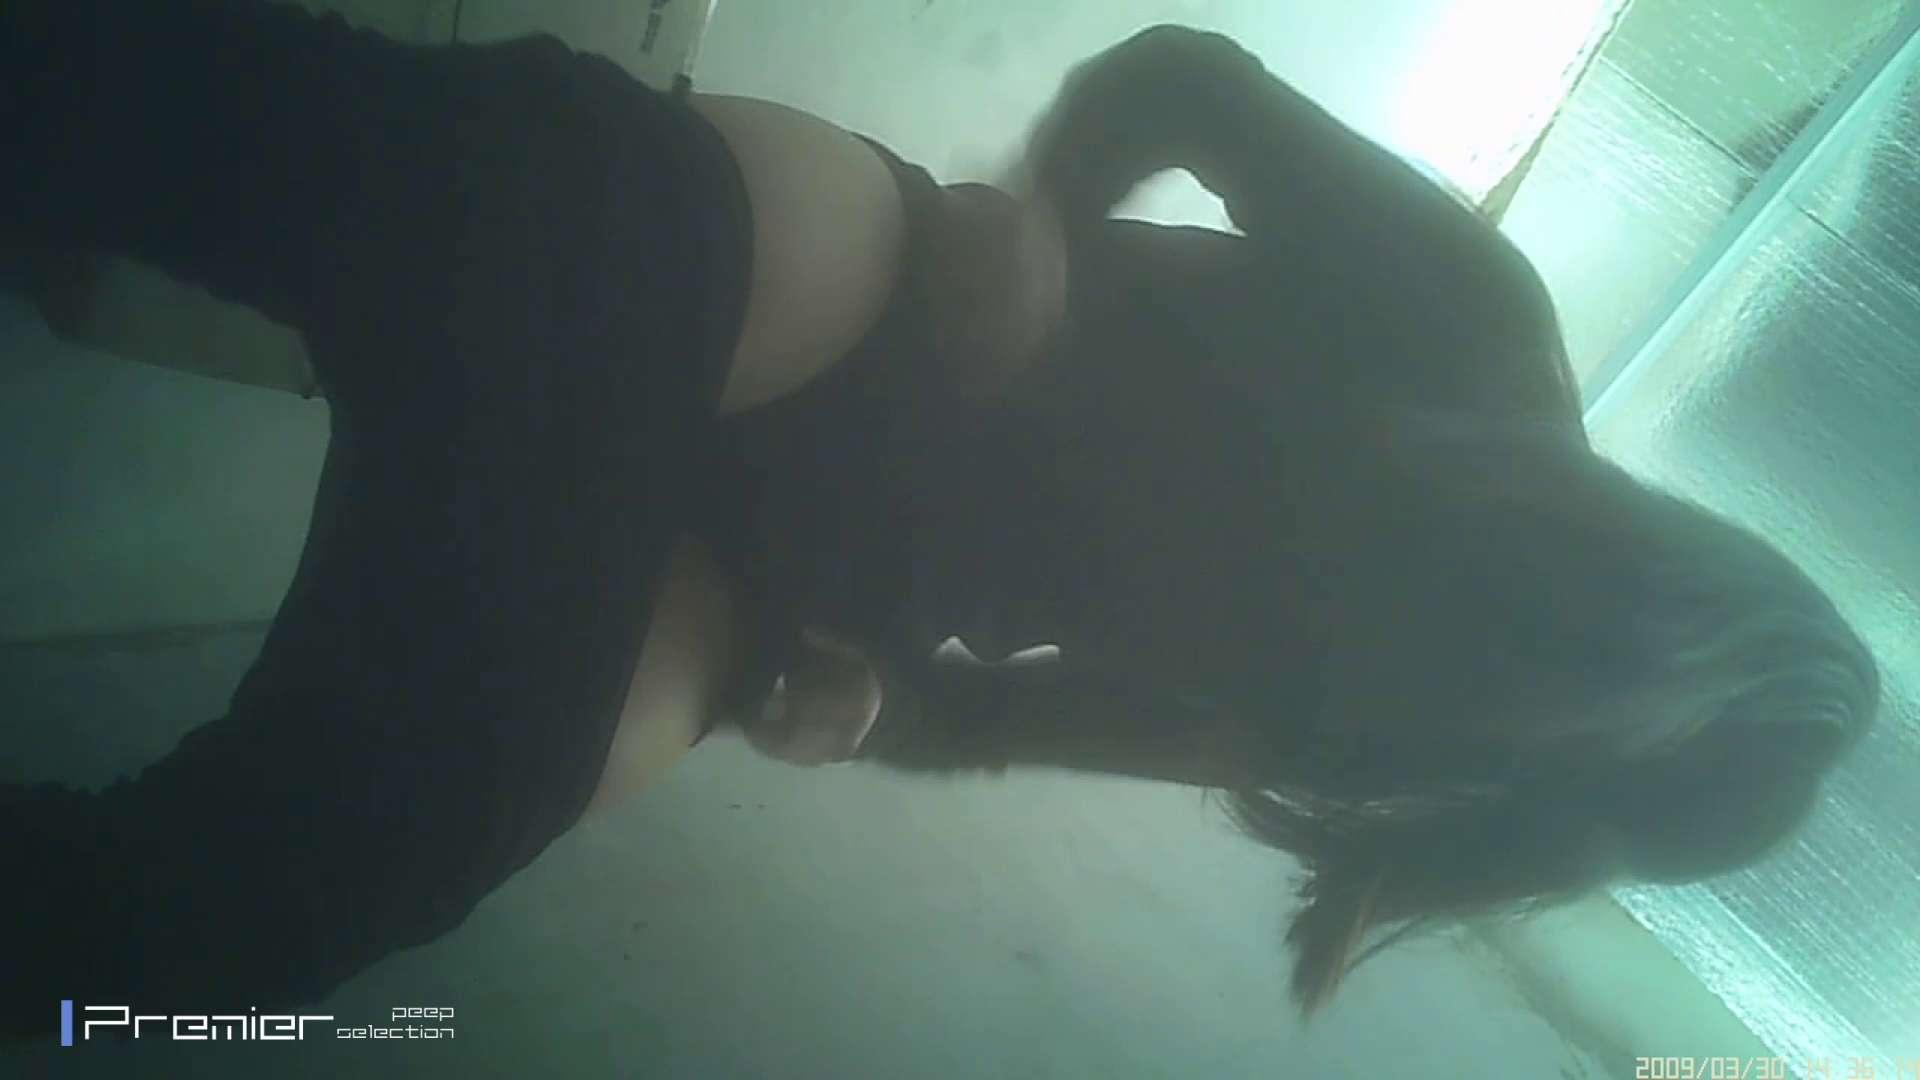 美女のパンチラ&トイレシーンを密着盗撮!! 盗撮コレクションVol.04 美女 エロ画像 46画像 37